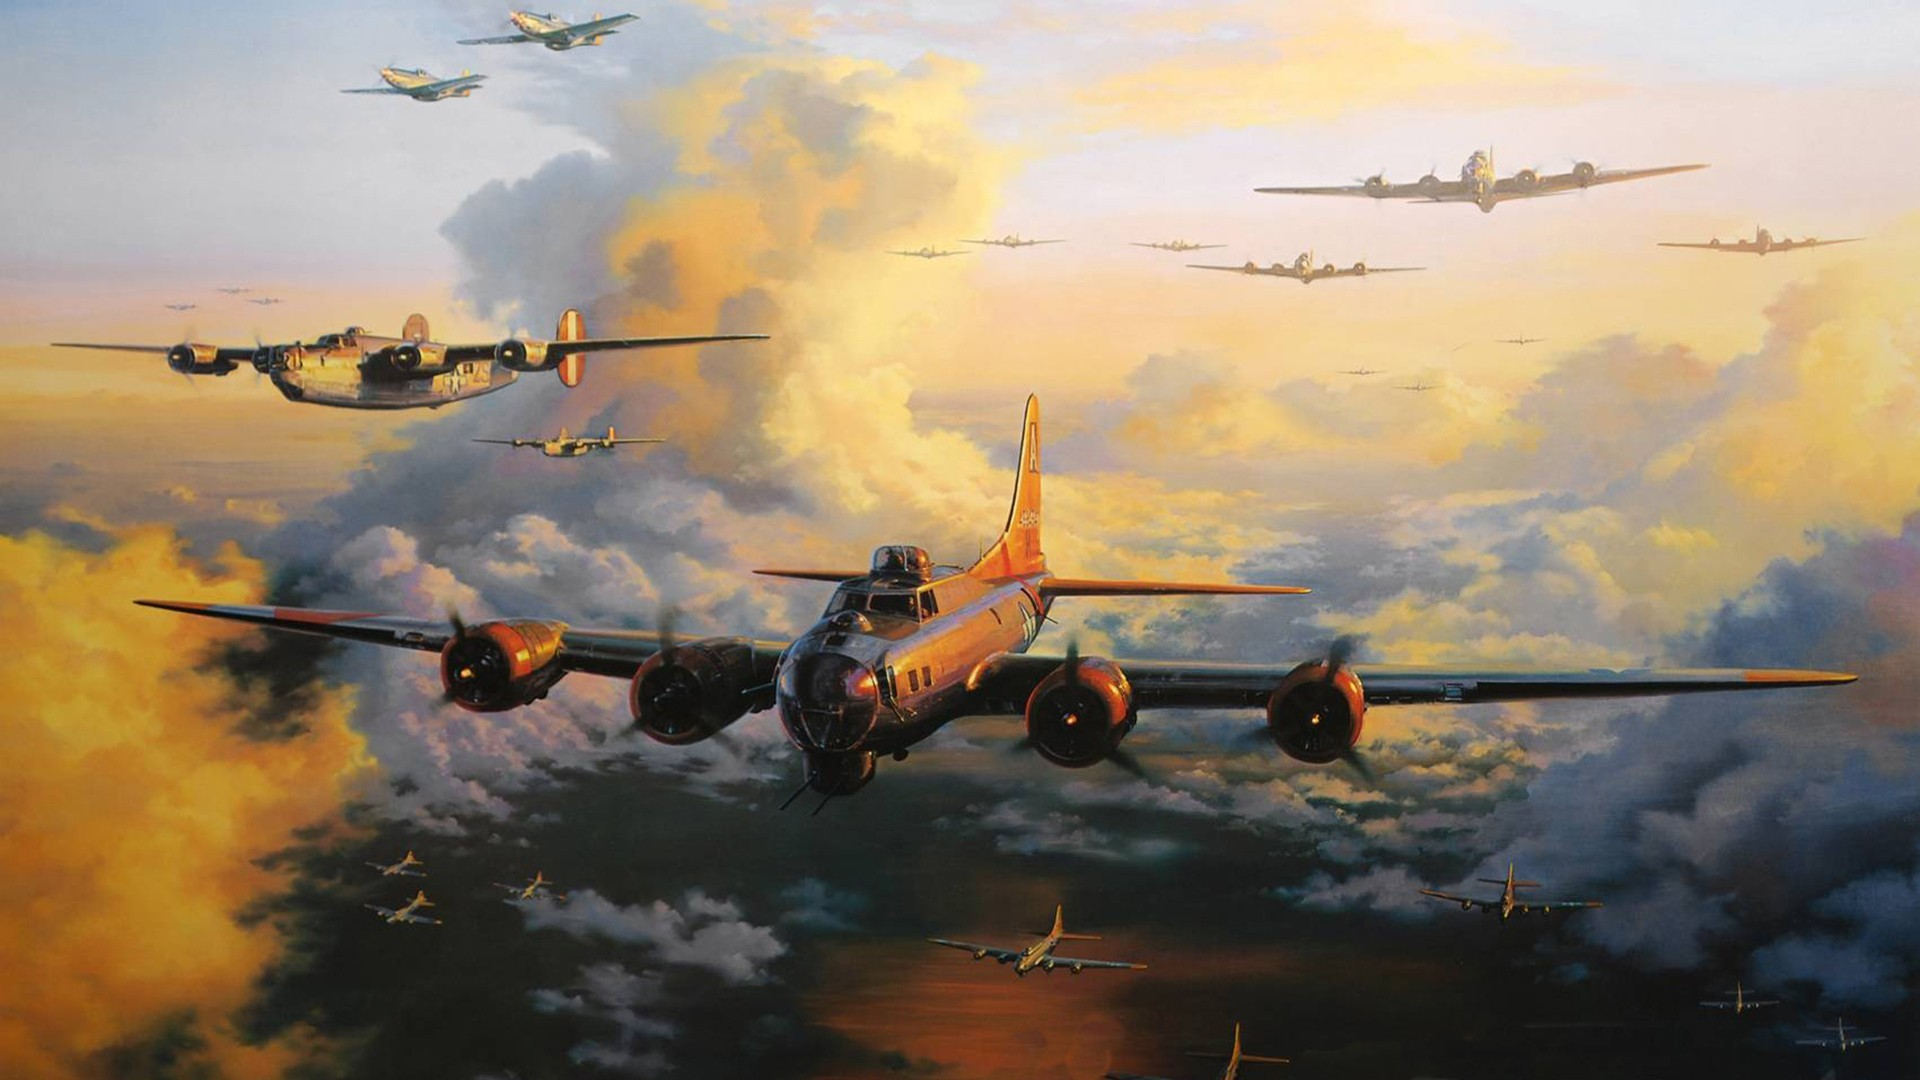 Aircraft military bomber world war ii wallpaper 1920x1080